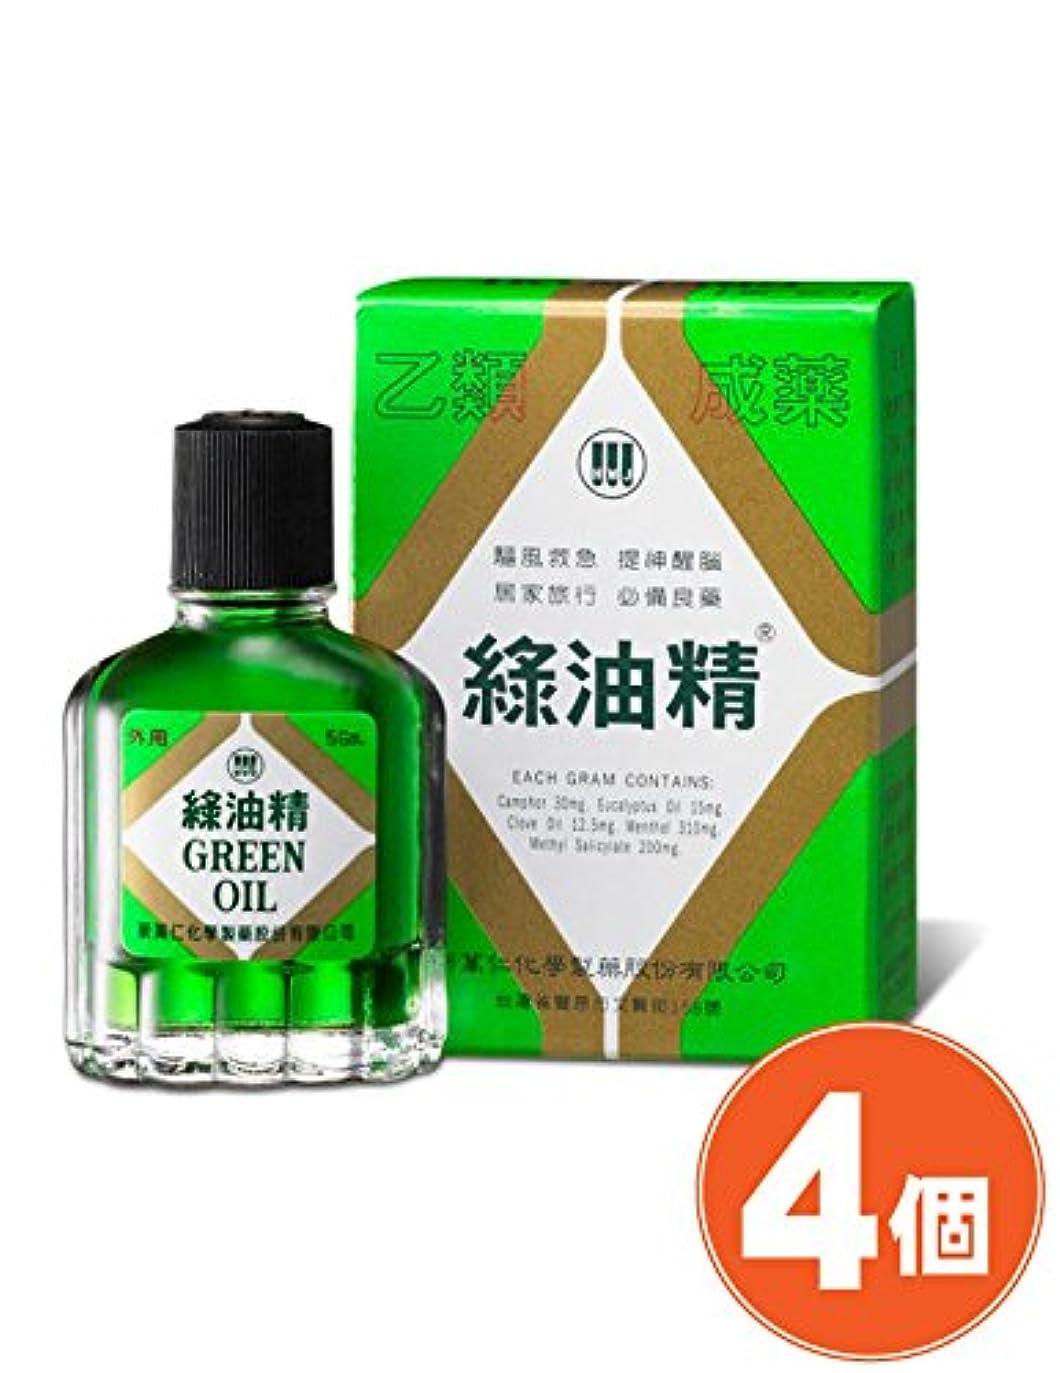 シャイレイ幻滅《新萬仁》台湾の万能グリーンオイル 緑油精 5g ×4個 《台湾 お土産》 [並行輸入品]